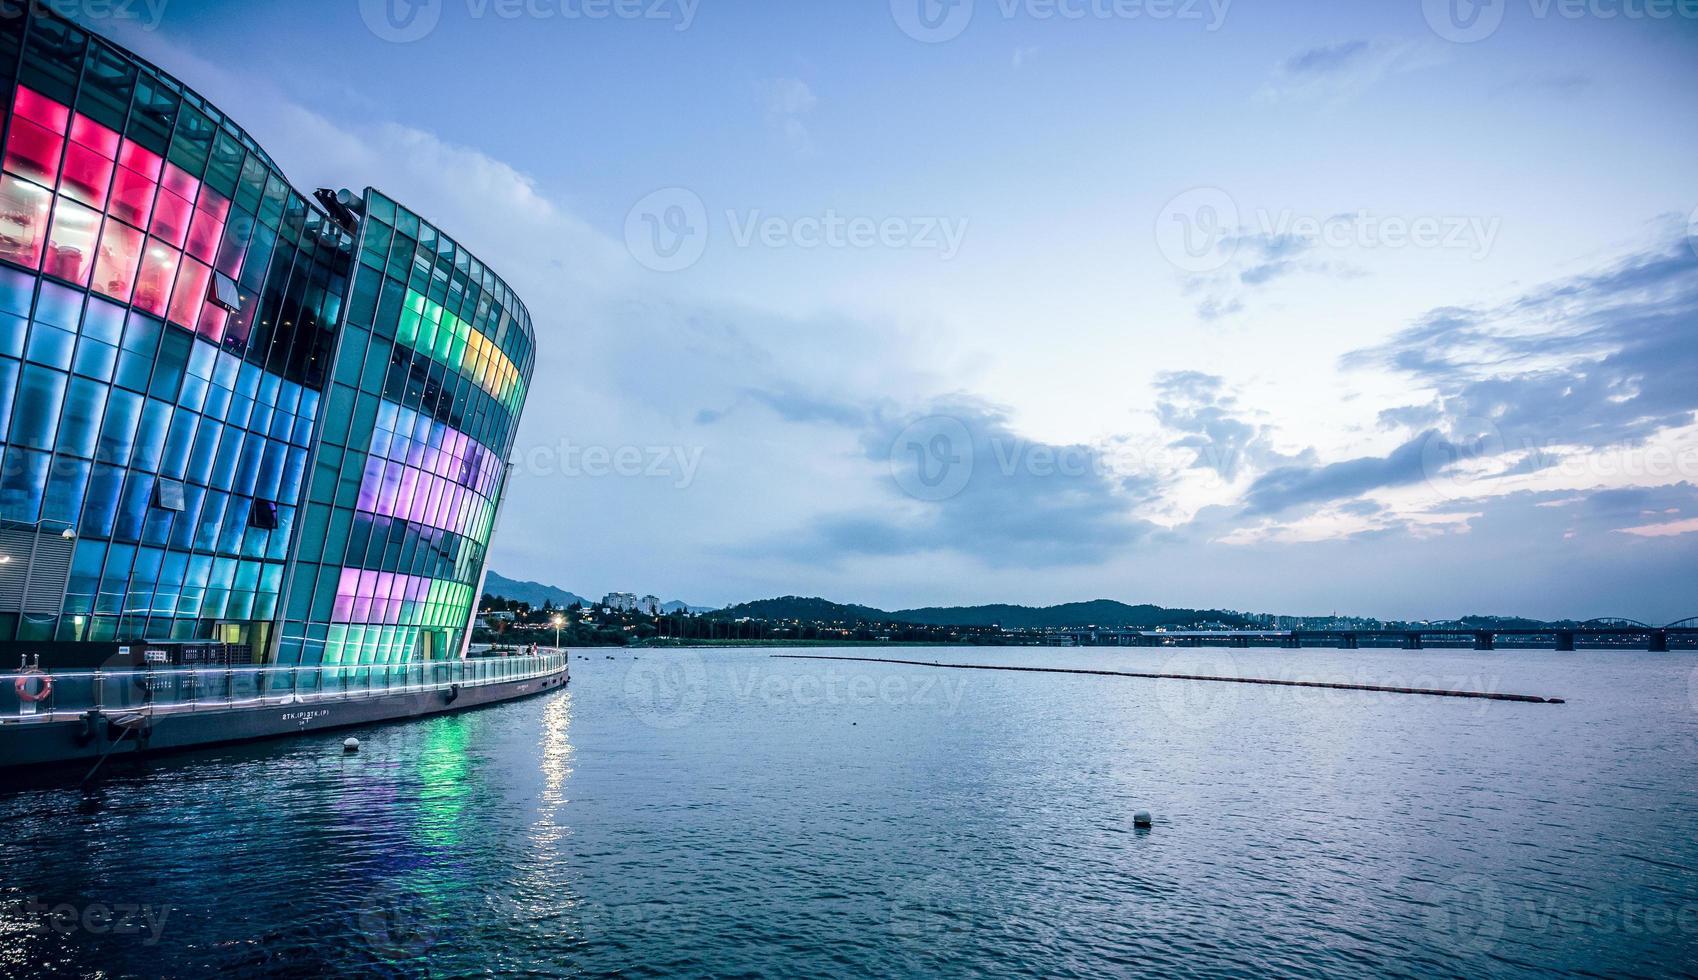 paisagem urbana da cidade da ásia - coreia do sul seul foto